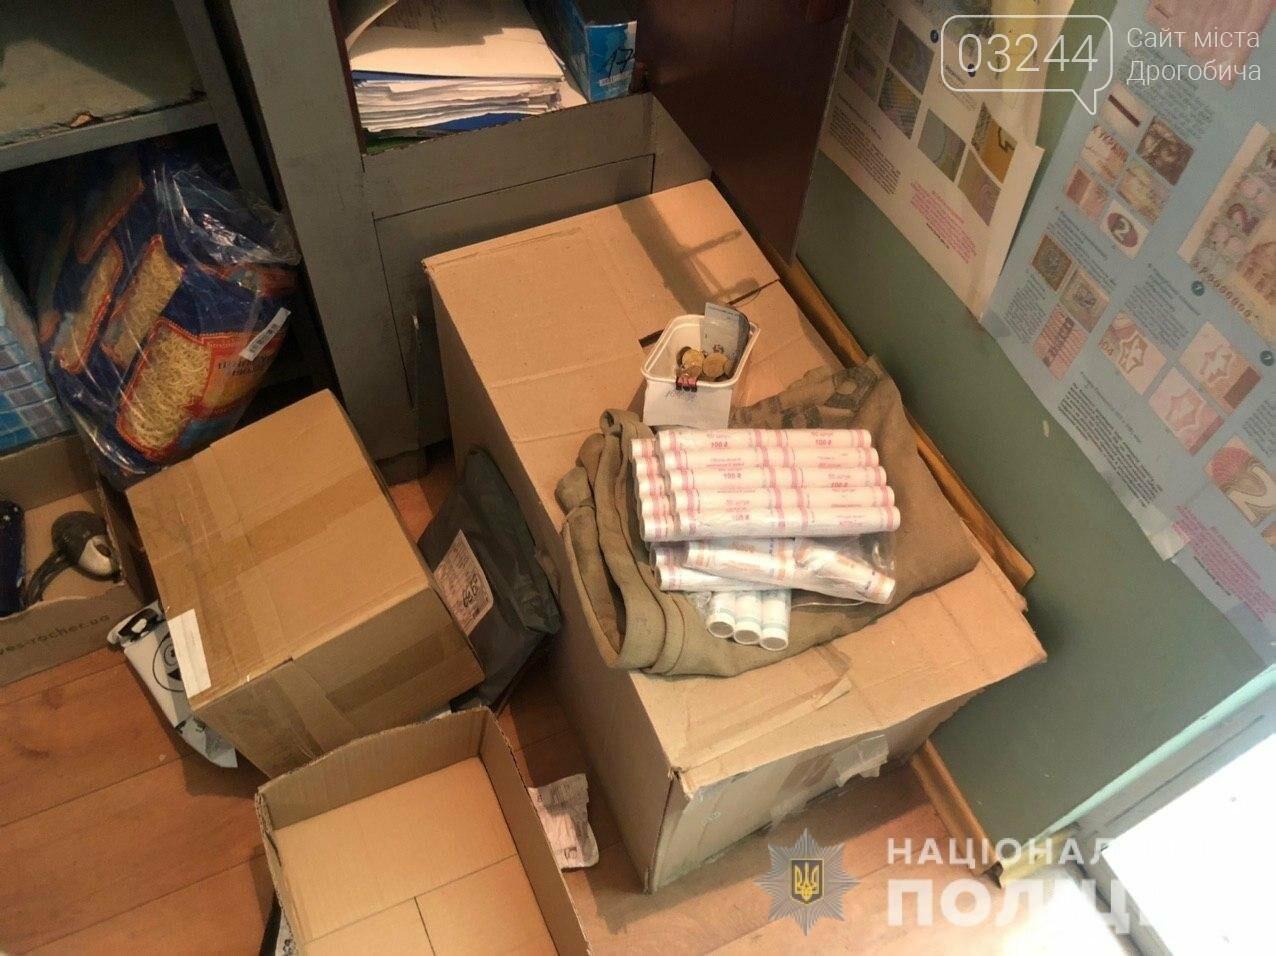 Невідомий озброївся палицею і пограбував відділення «Укрпошти», - ФОТО, фото-2